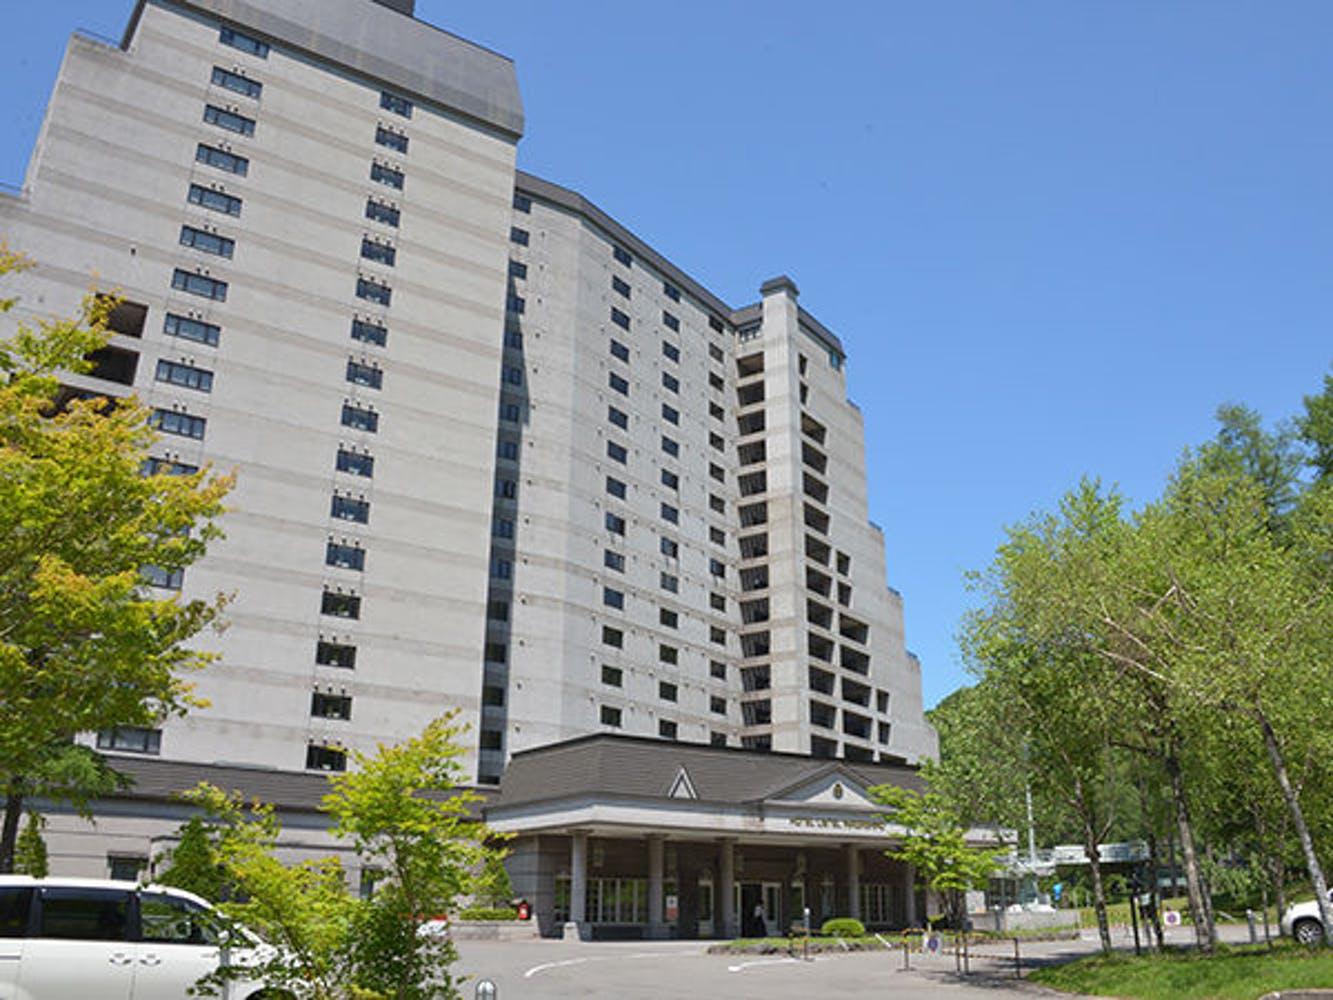 ホテルリステル猪苗代ウイングタワー 写真1